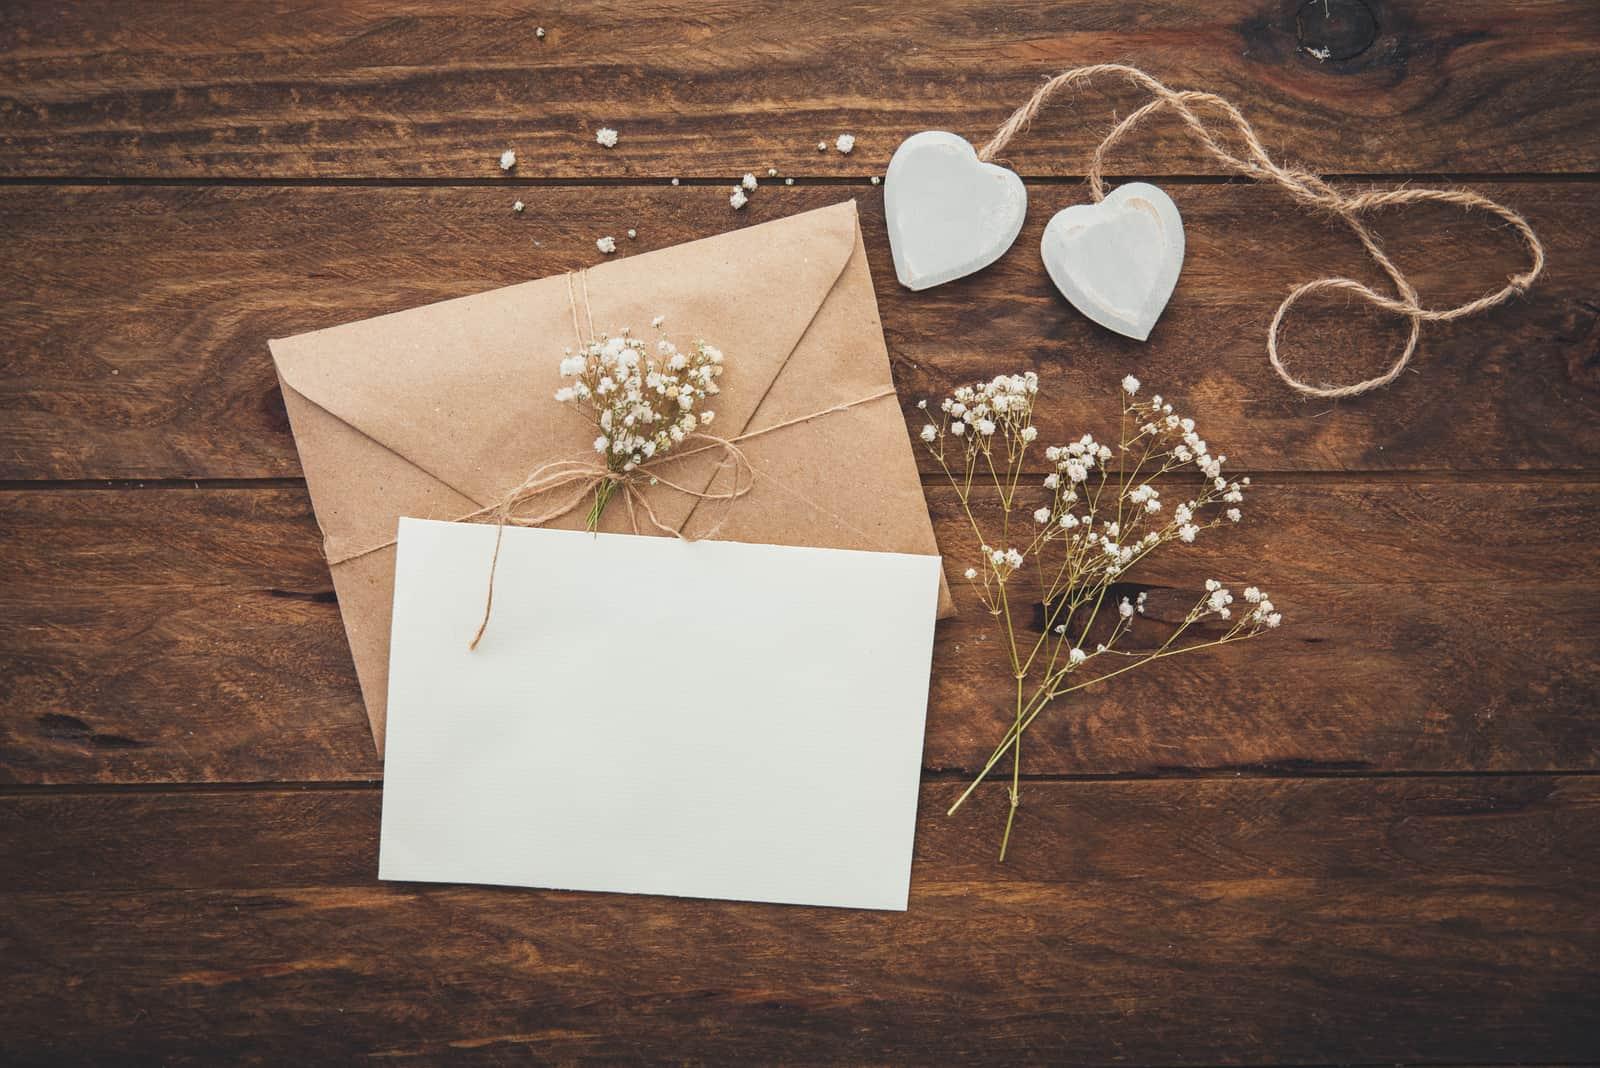 Umschlag und leeres Papier auf dem Tisch